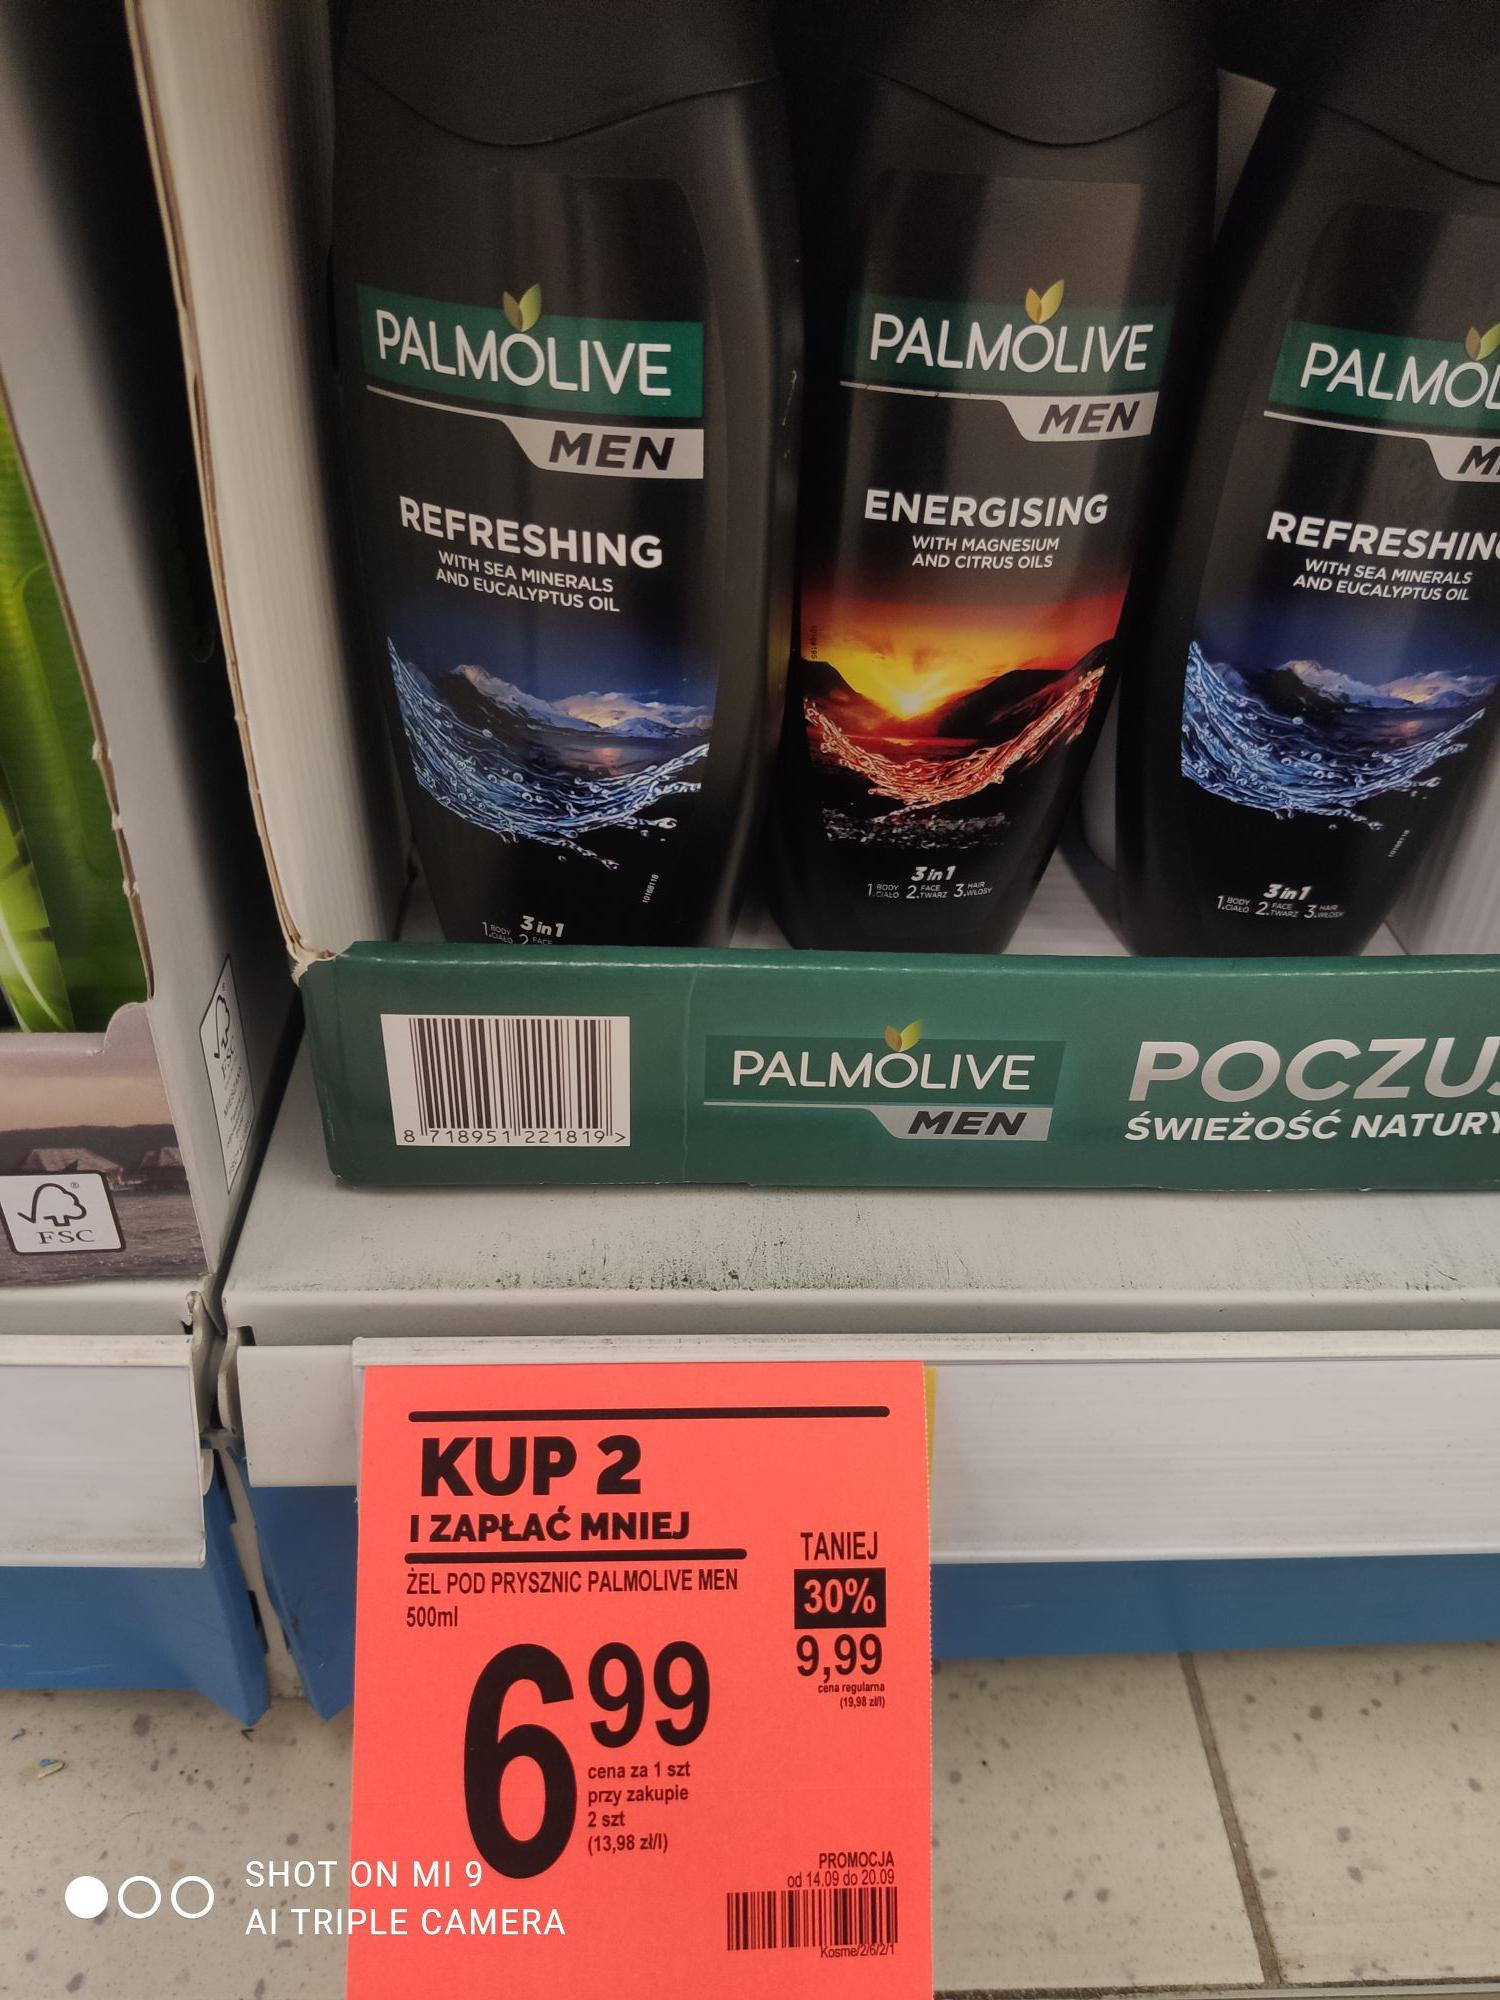 Żel pod prysznic Palmolive Men 500 ml przy zakupie 2 szt, Żel pod prysznic Schauma Men 400 ml przy zakupie 2 szt 5,99zł